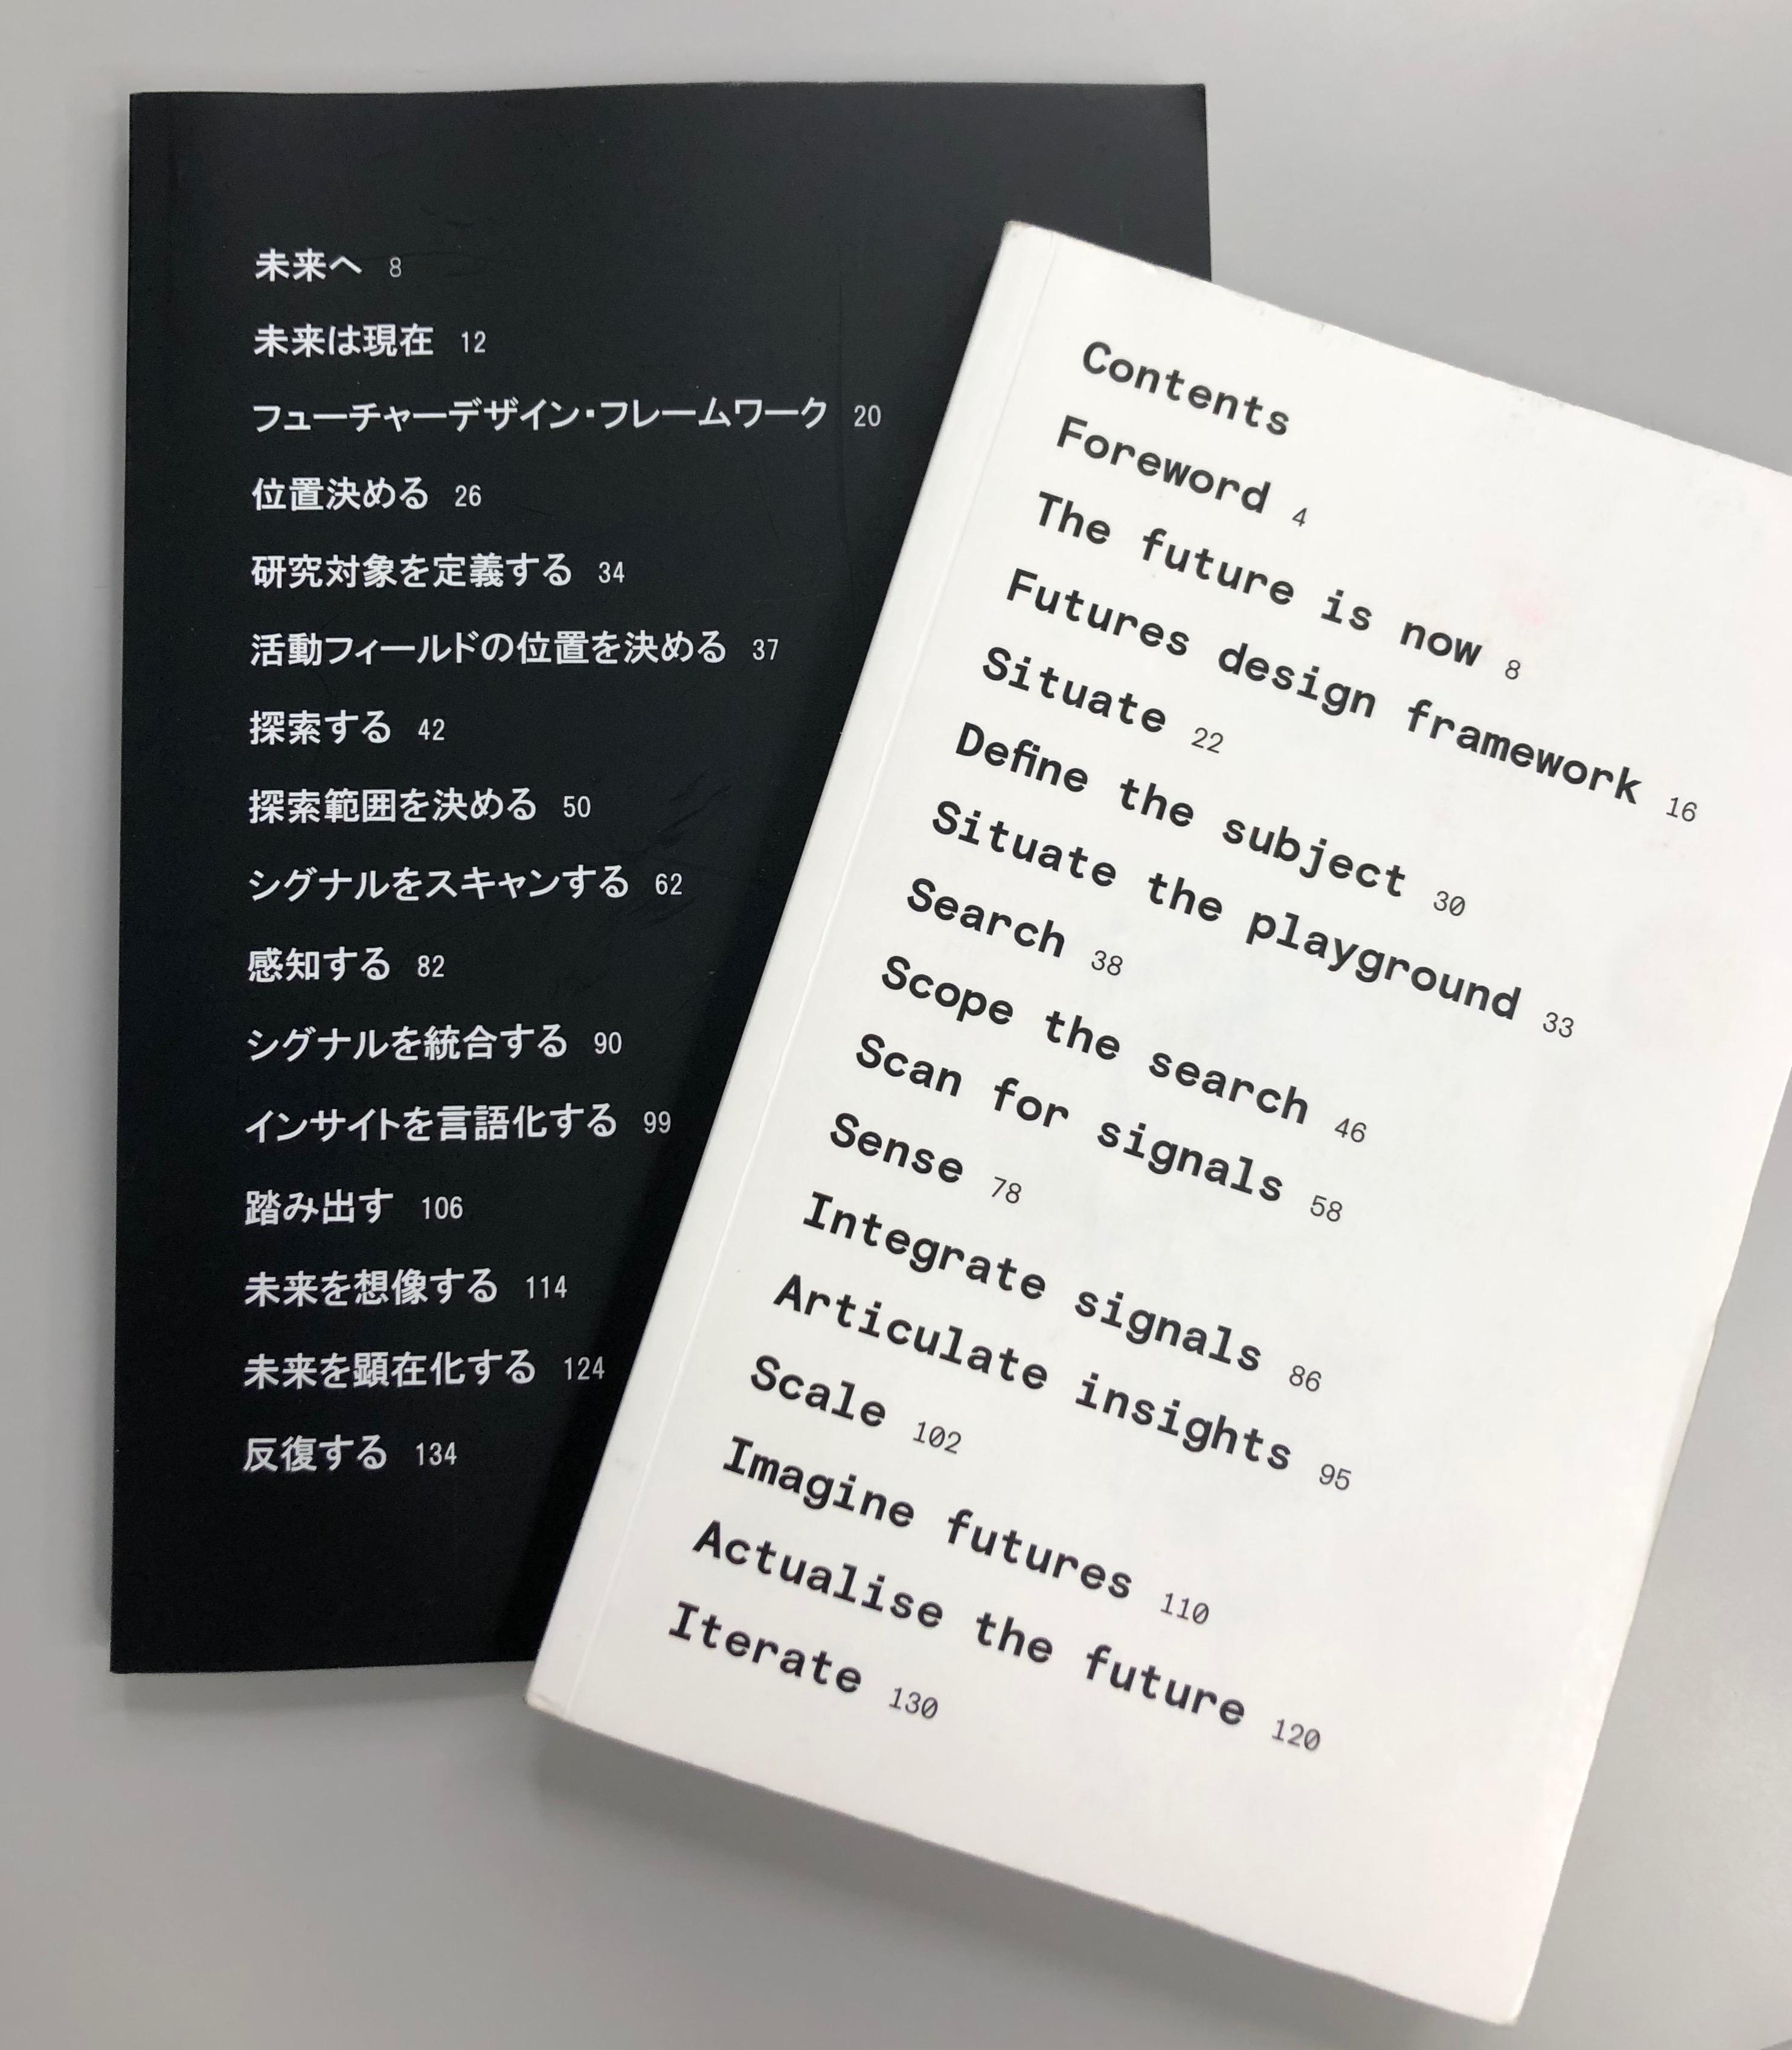 『フューチャーデザイナー・ブック』の日本語版と英語版の写真